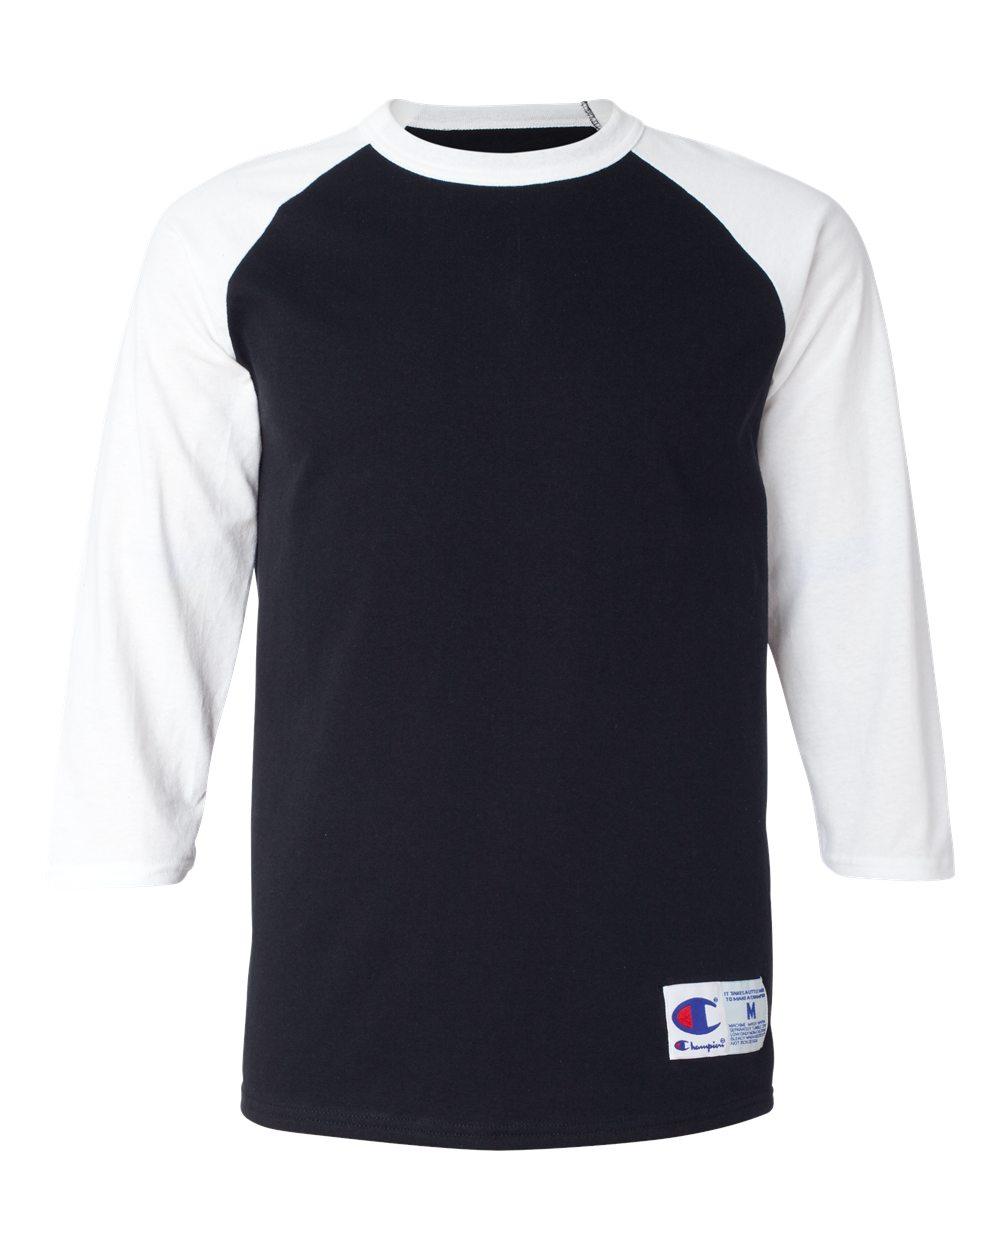 Unisex 34 Sleeve Baseball T-Shirt Upgrade Your Order Adult